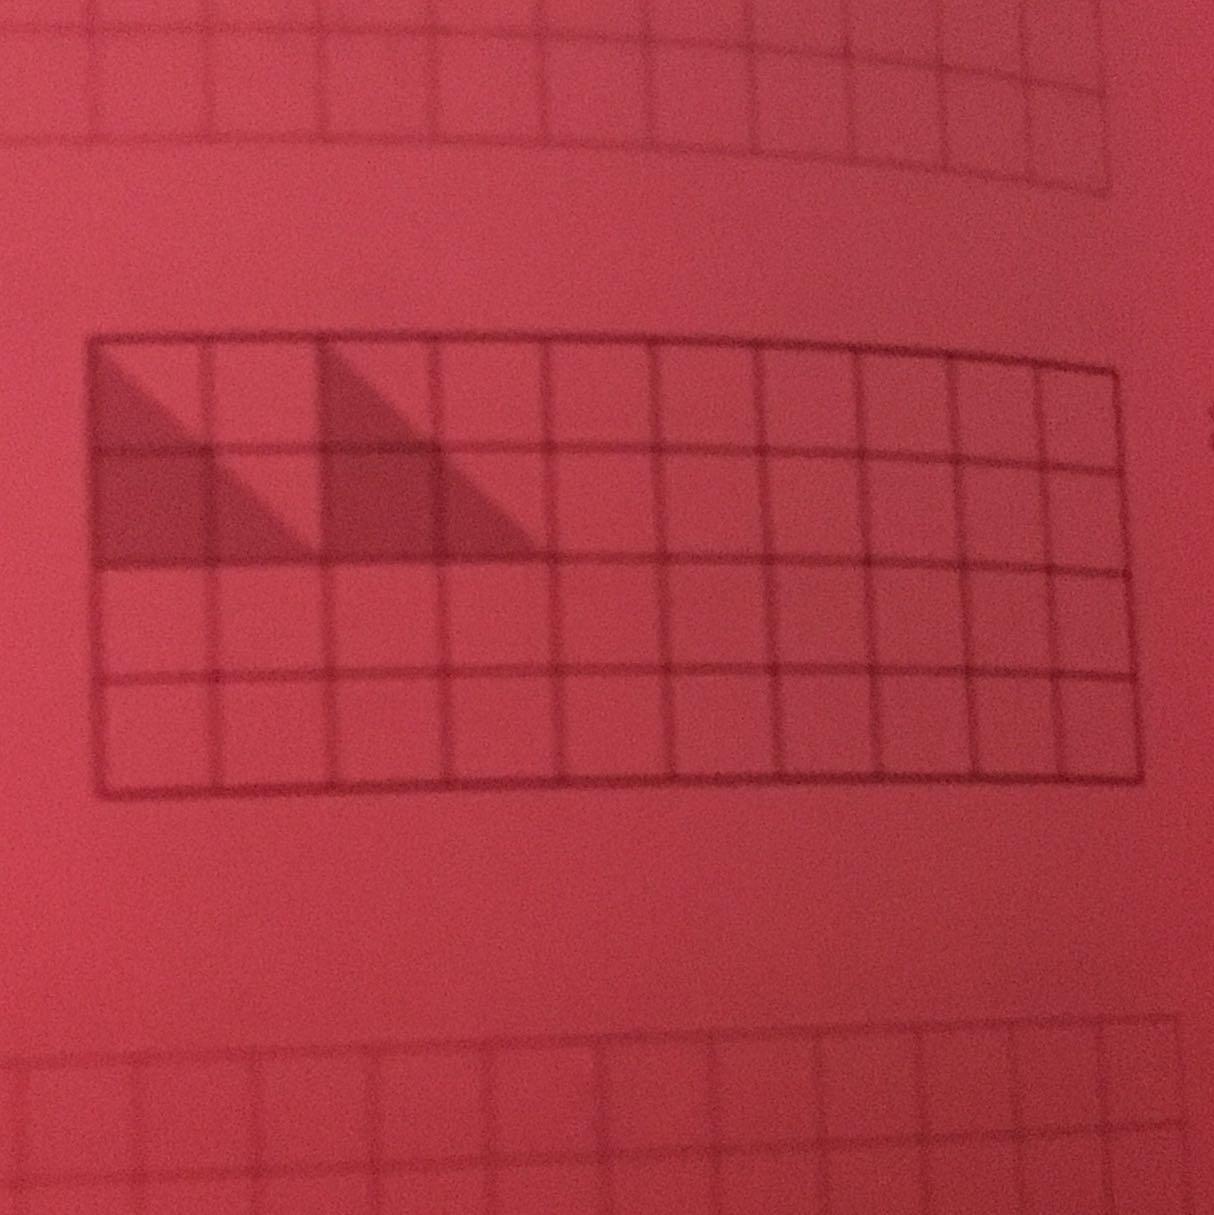 Wie viel Prozent ist hier die graue Fläche? (Mathe, Wissen)